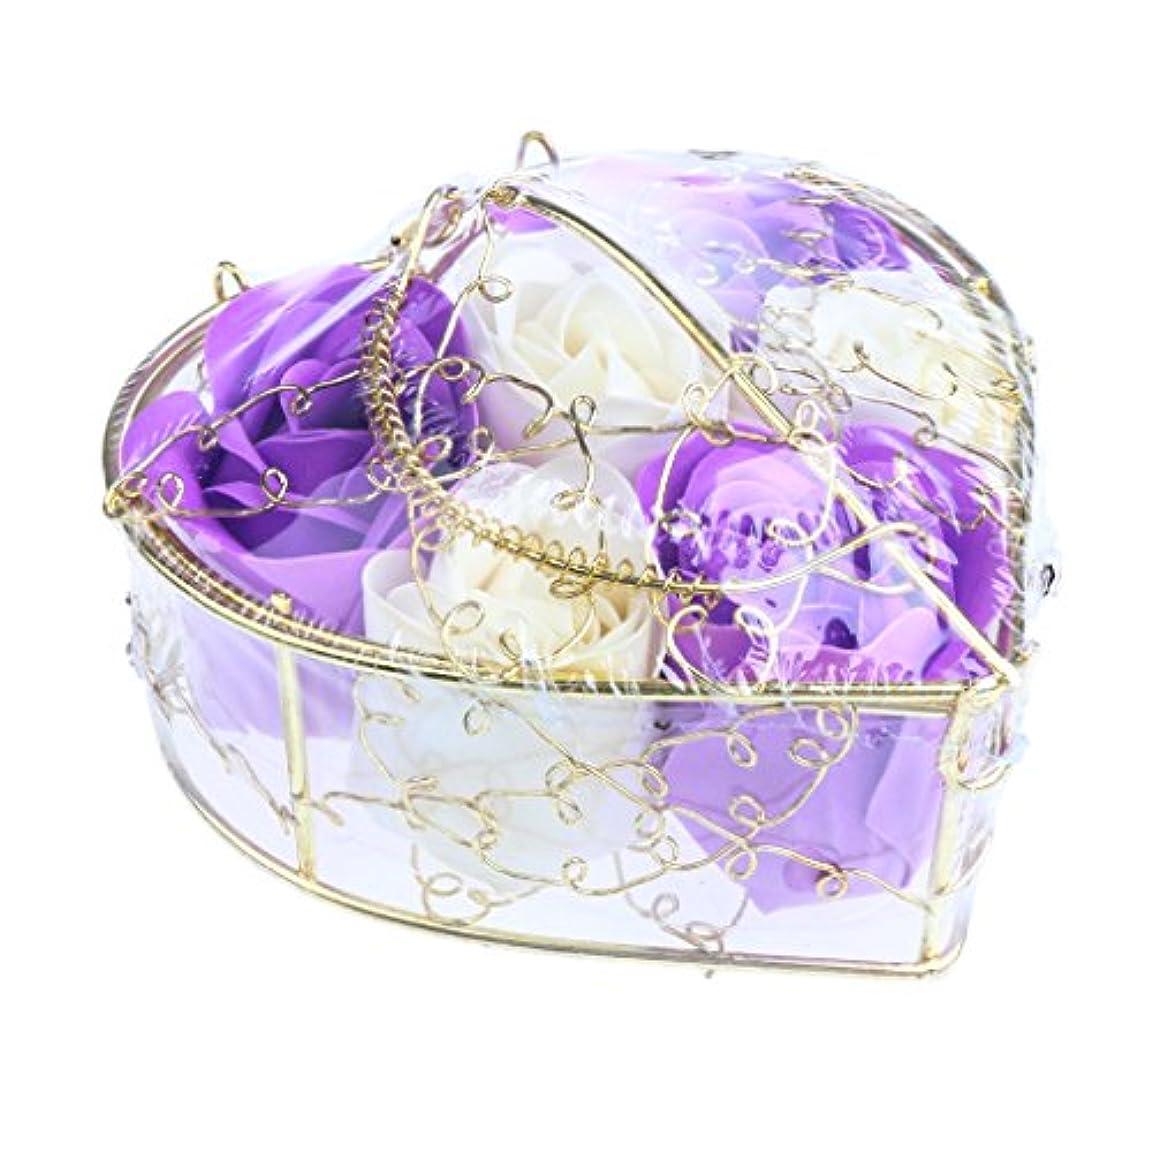 アラバマ生命体便利Fenteer 6個 ソープフラワー 石鹸の花 バラ 心の形 ギフトボックス  バレンタインデー  ホワイトデー  母の日 結婚記念日 プレゼント 全5タイプ選べる - 紫と白